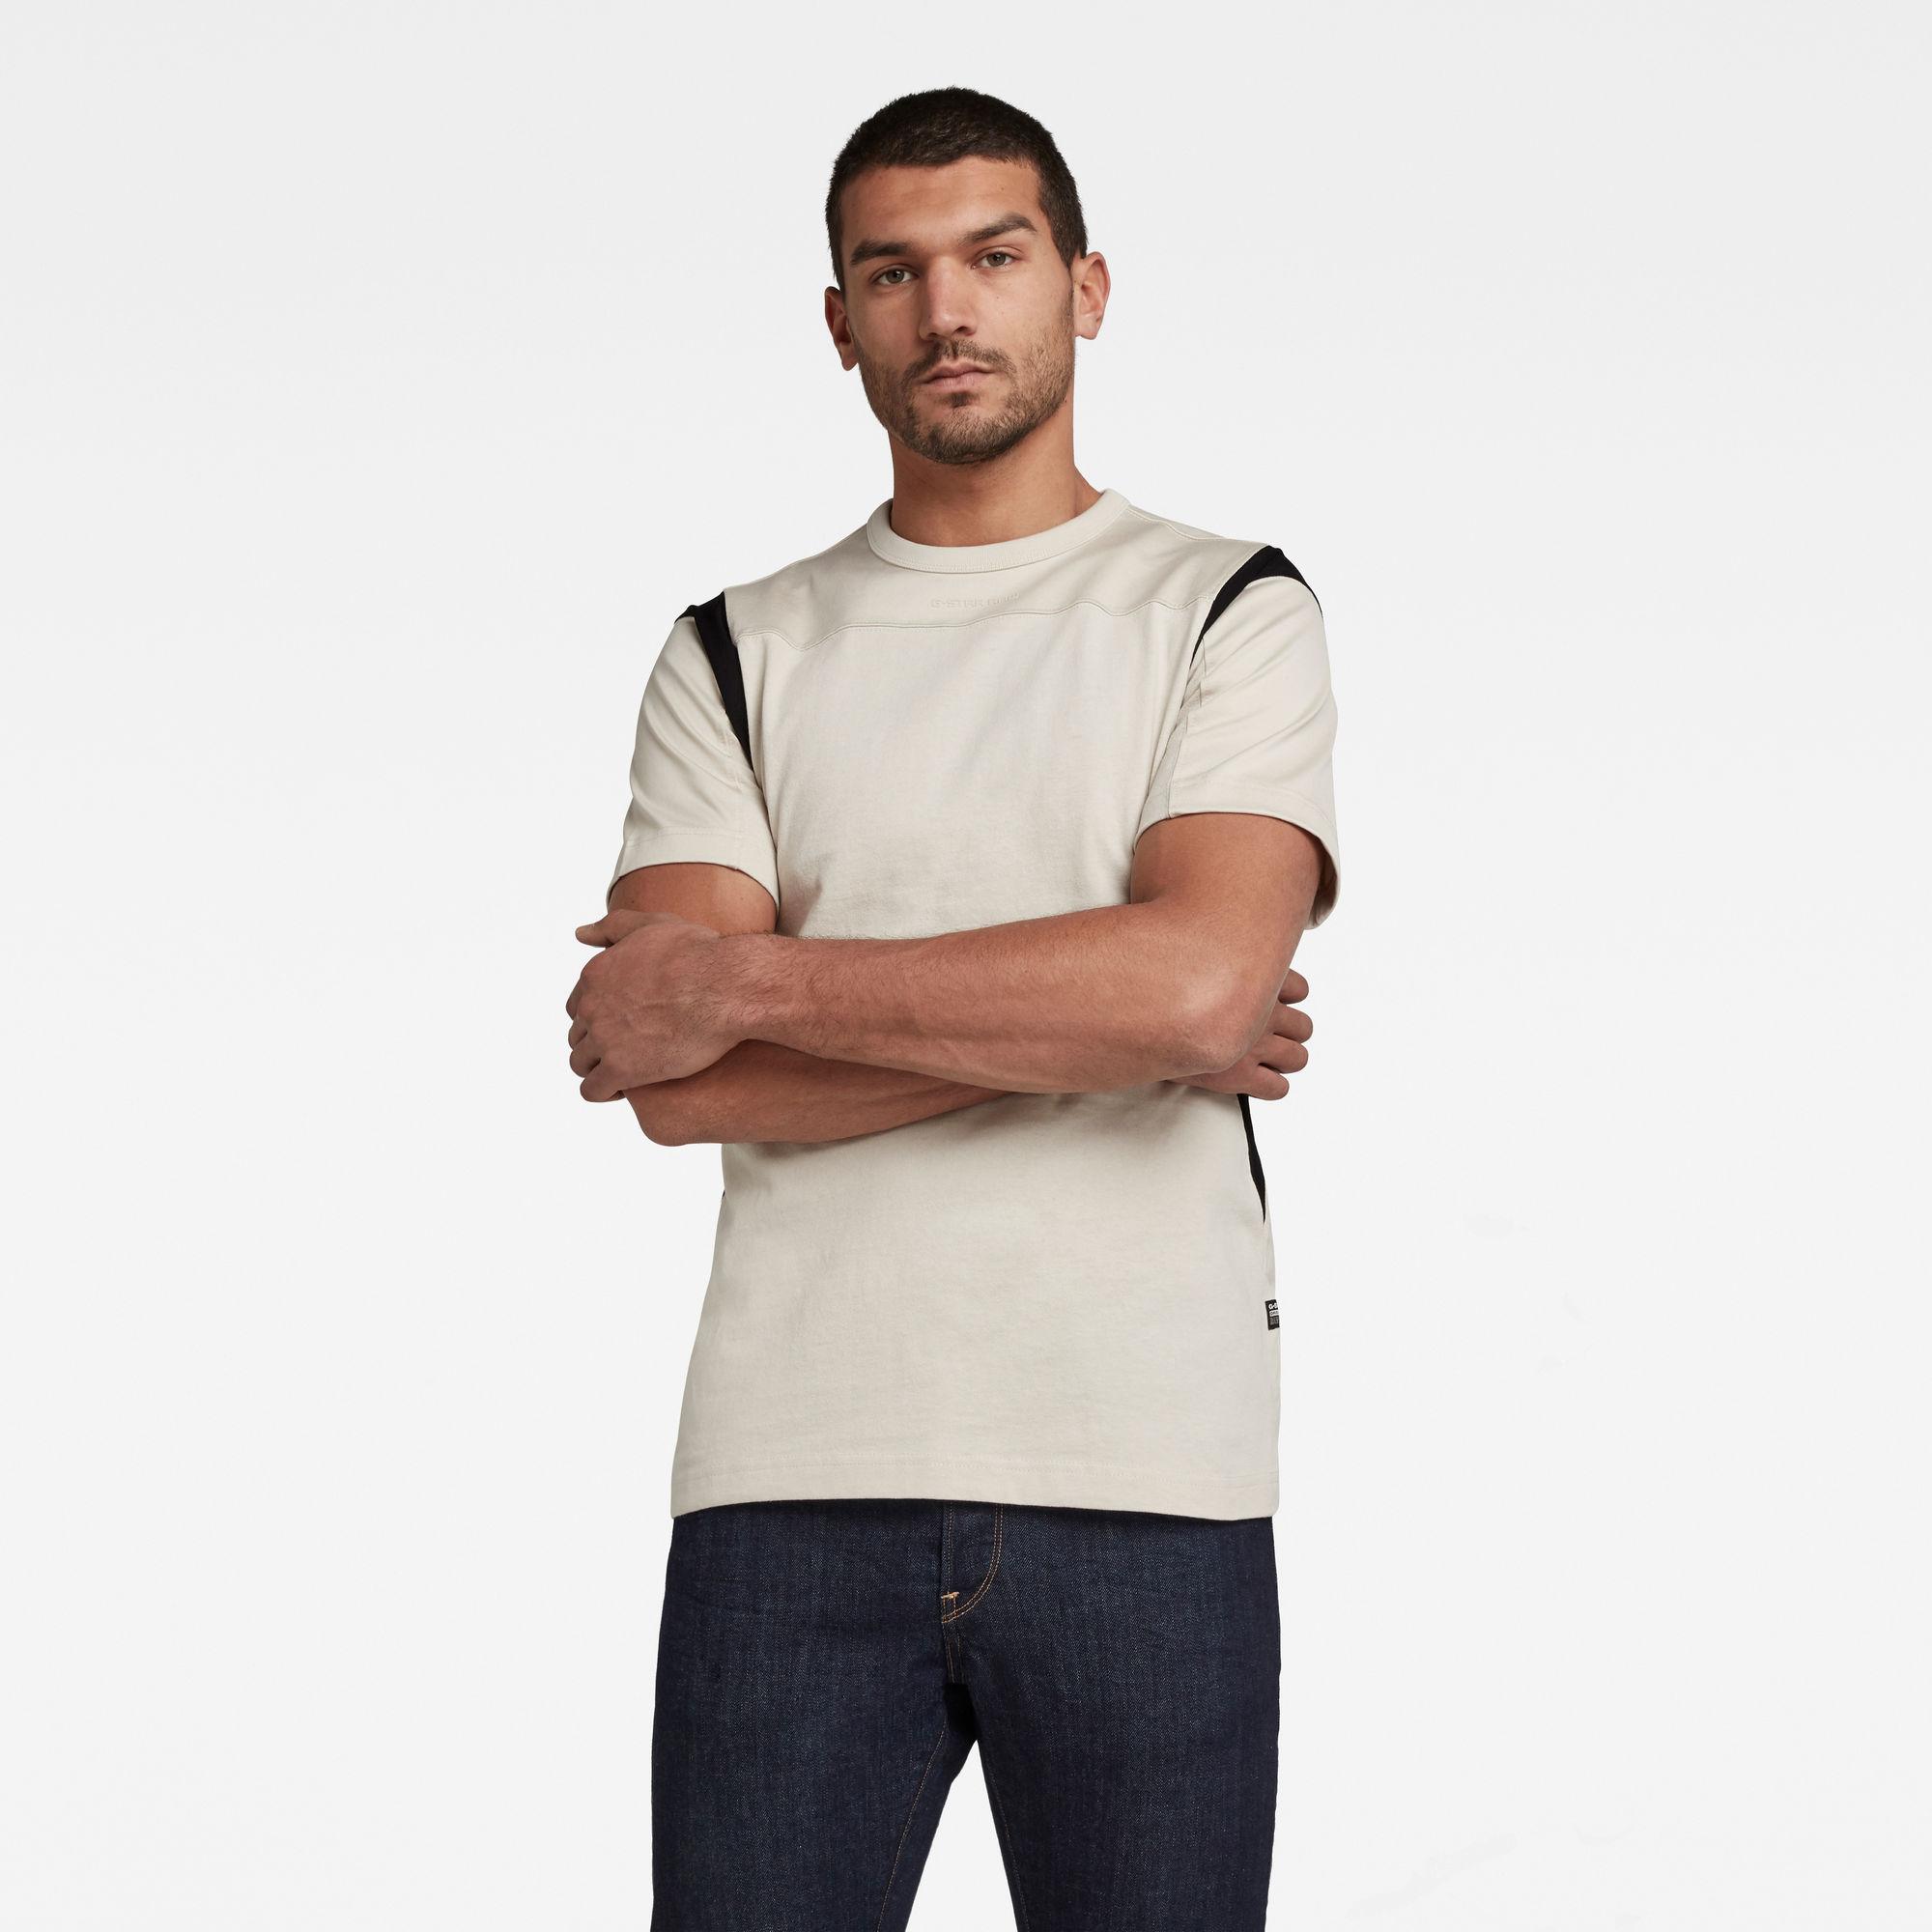 G-Star RAW Heren Moto Mesh Motac T-Shirt Beige